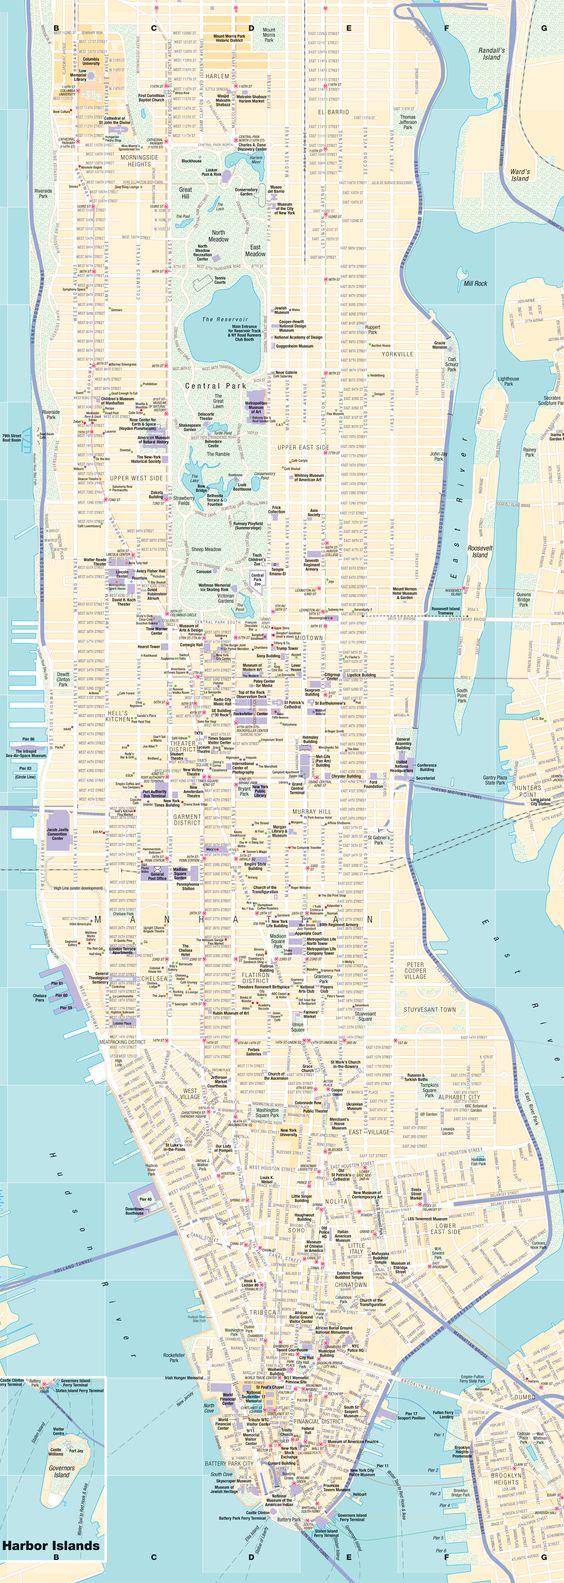 New York City A Streetbystreet Movie Guide Movie Guide City - New york city on a us map